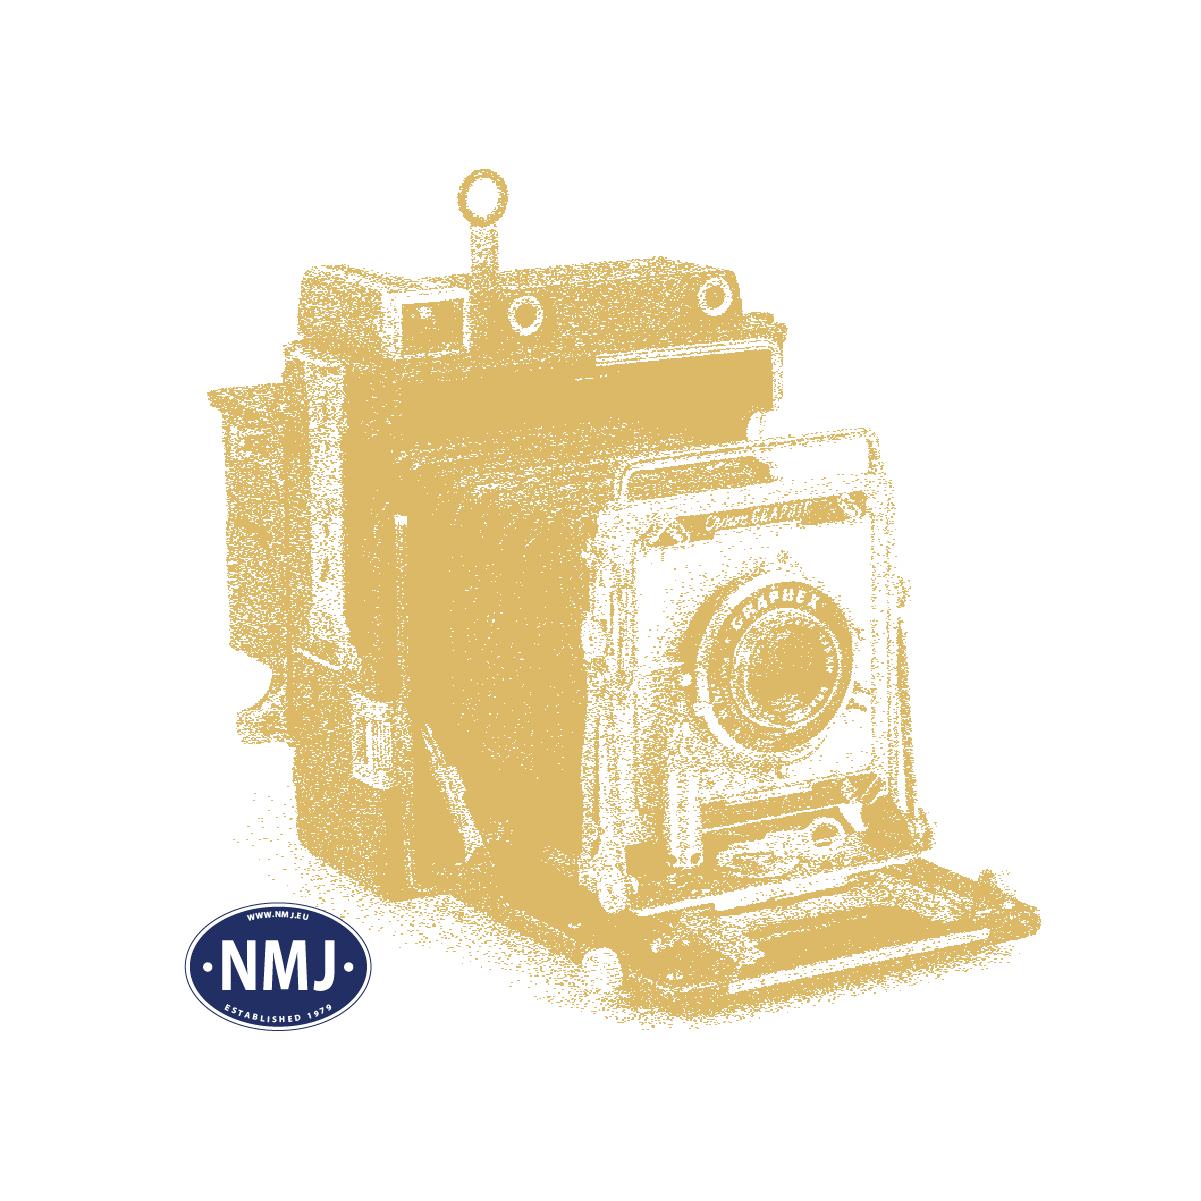 NMJT202.501 - NMJ Topline S11 4871 Kino und Bistrowagen der SJ, Inter-Regio